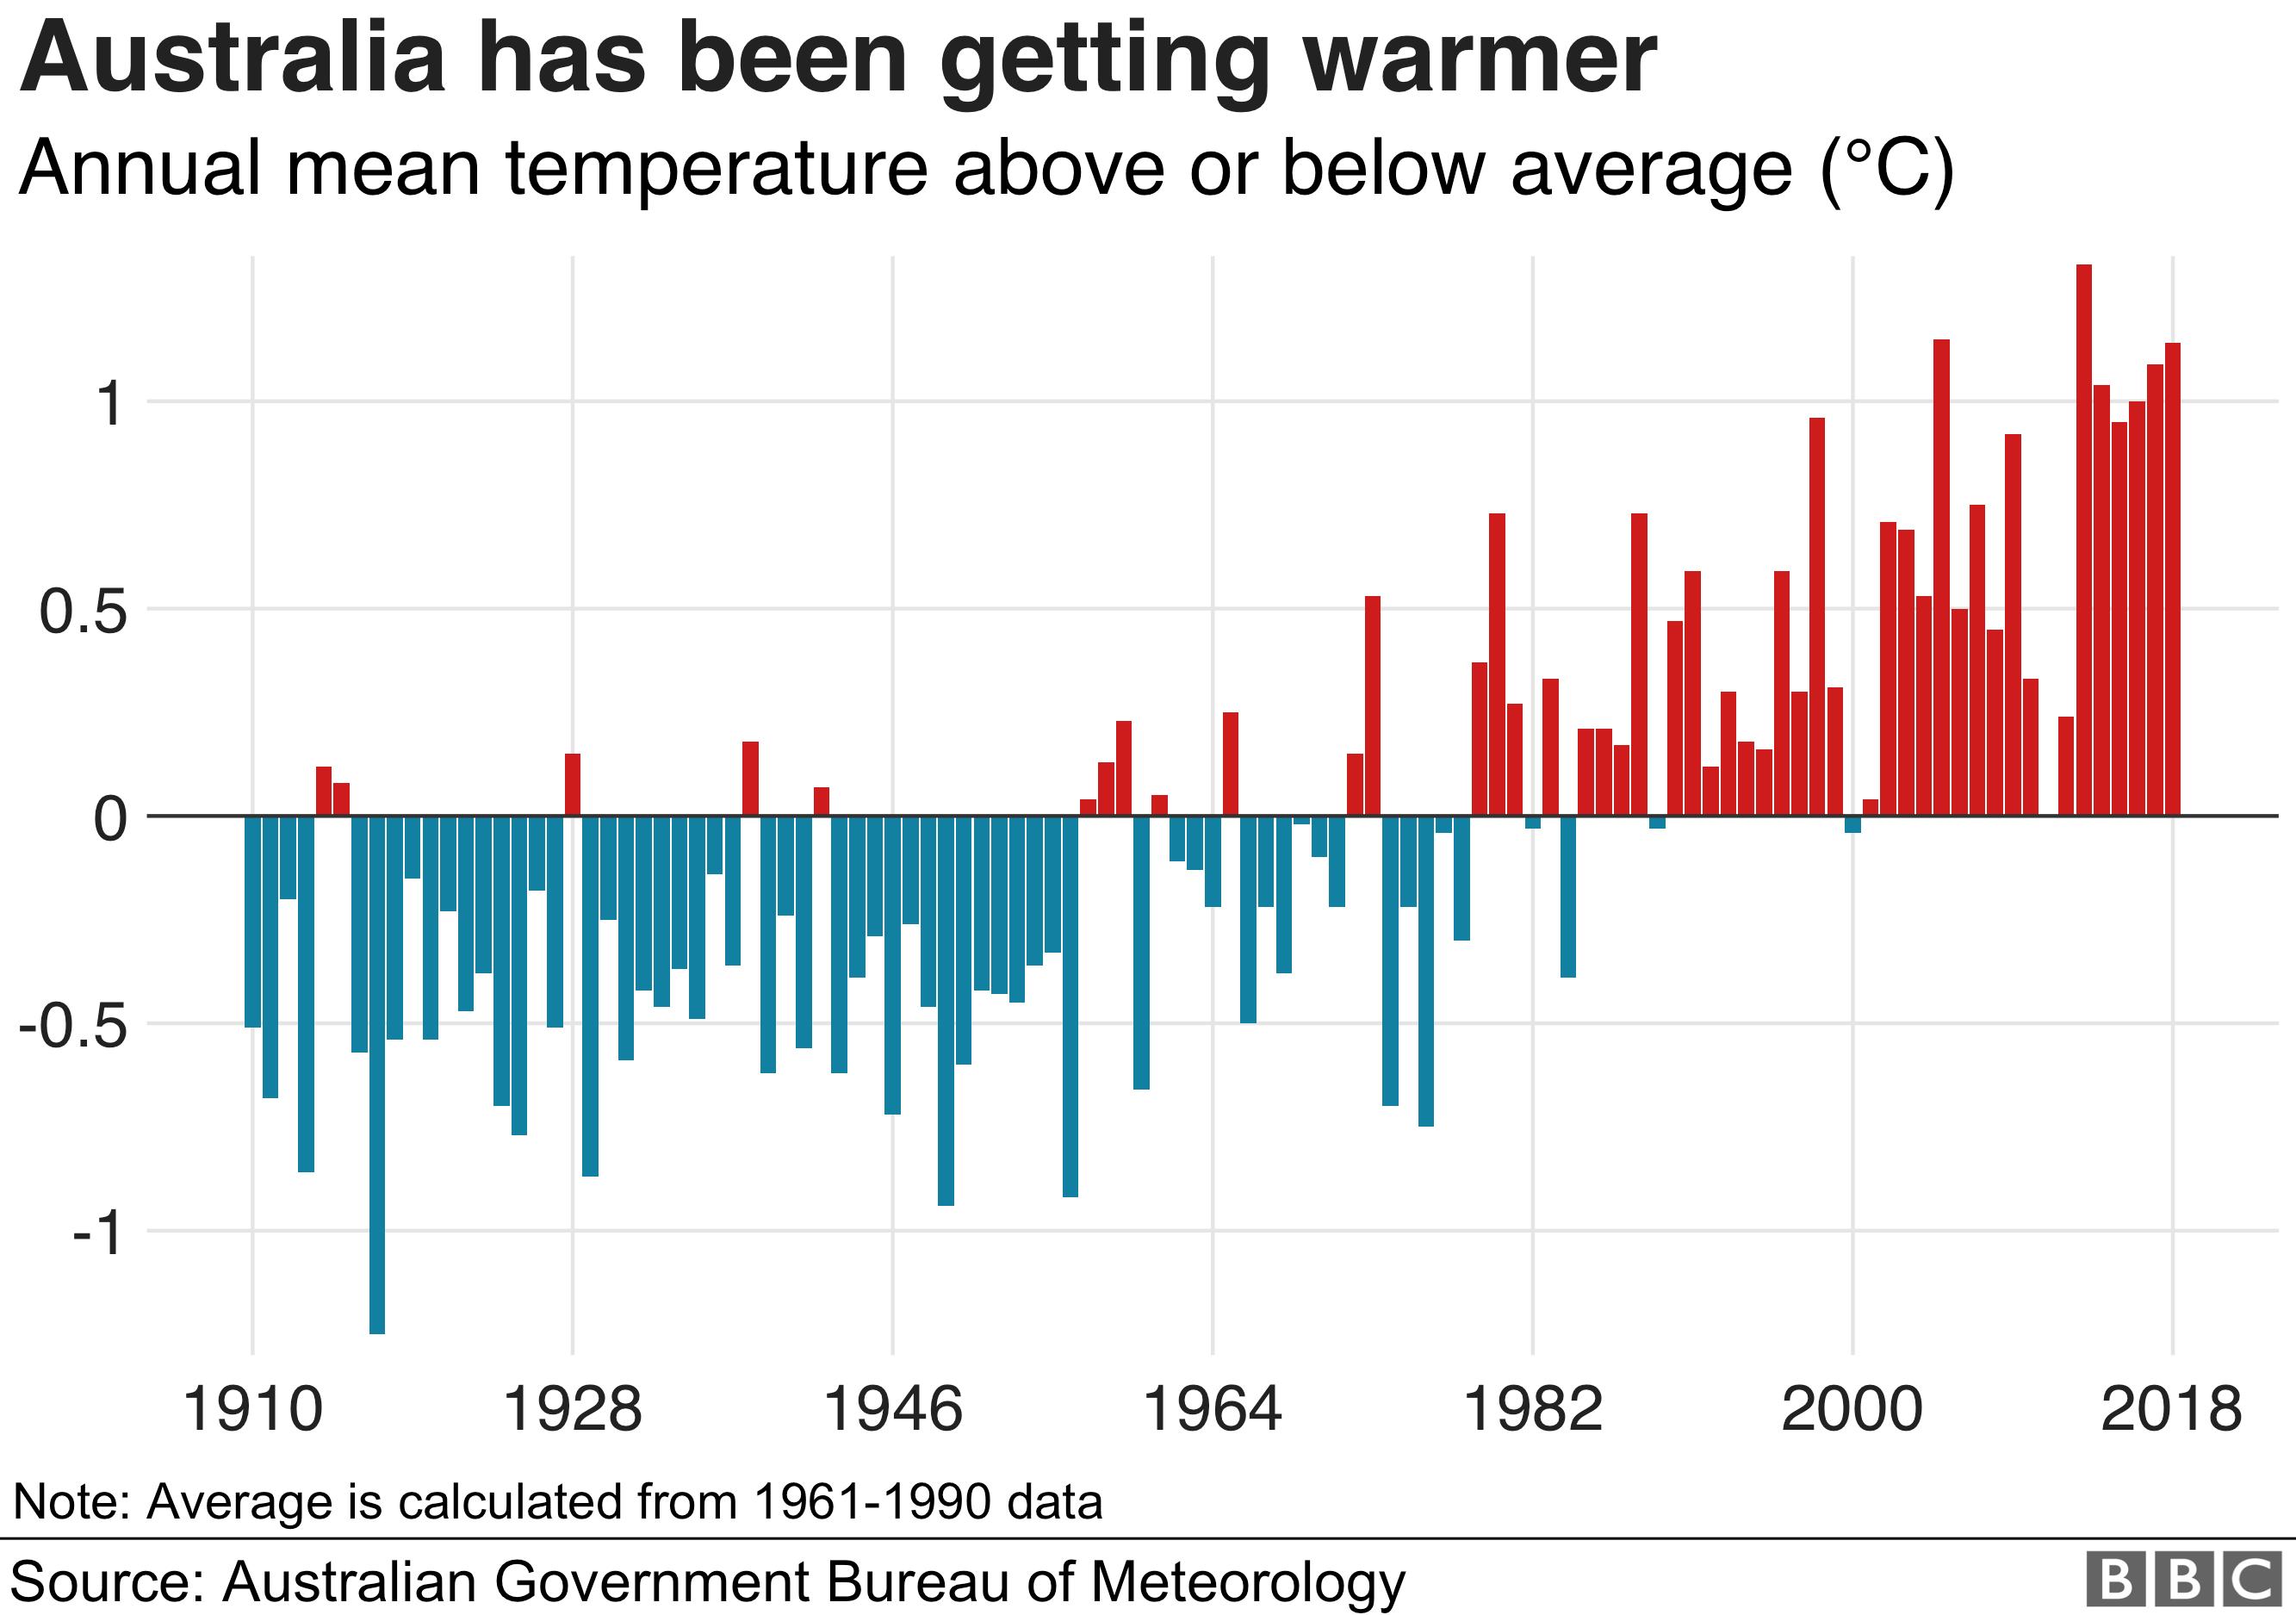 Graphic showing Australia temperatures